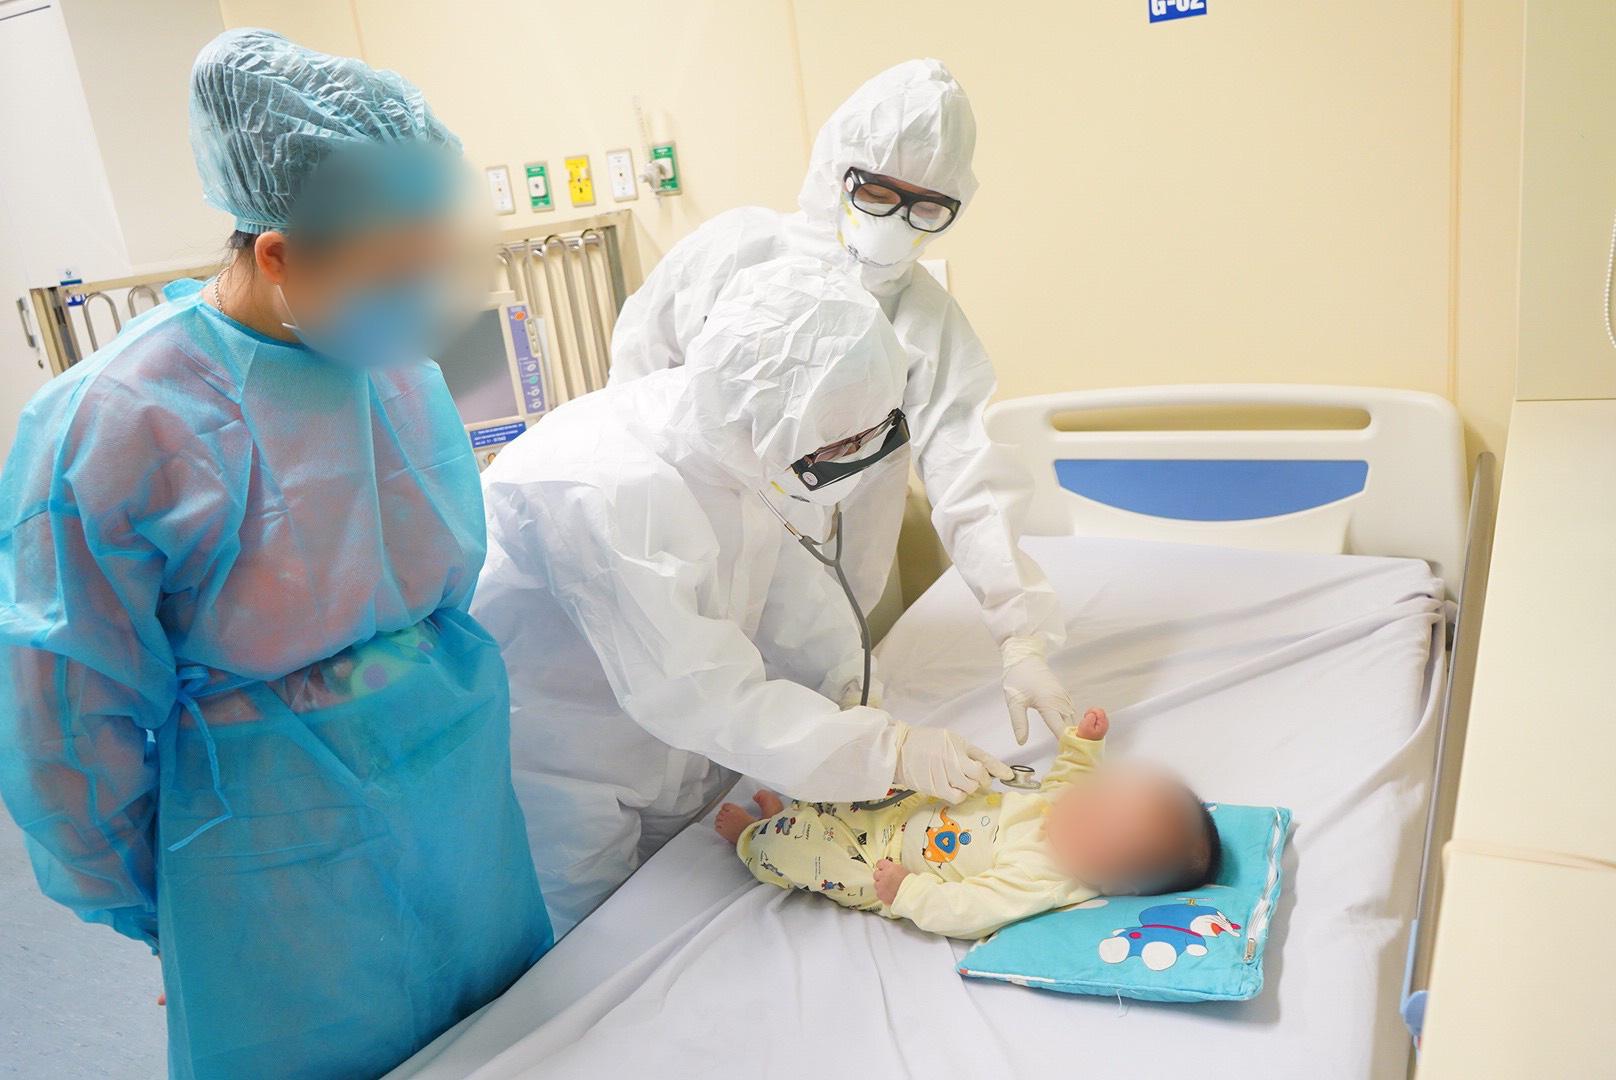 Tại sao người mẹ tiếp xúc trực tiếp và thường xuyên với bệnh nhi 3 tháng tuổi nhưng không bị nhiễm COVID-19? - Ảnh 1.